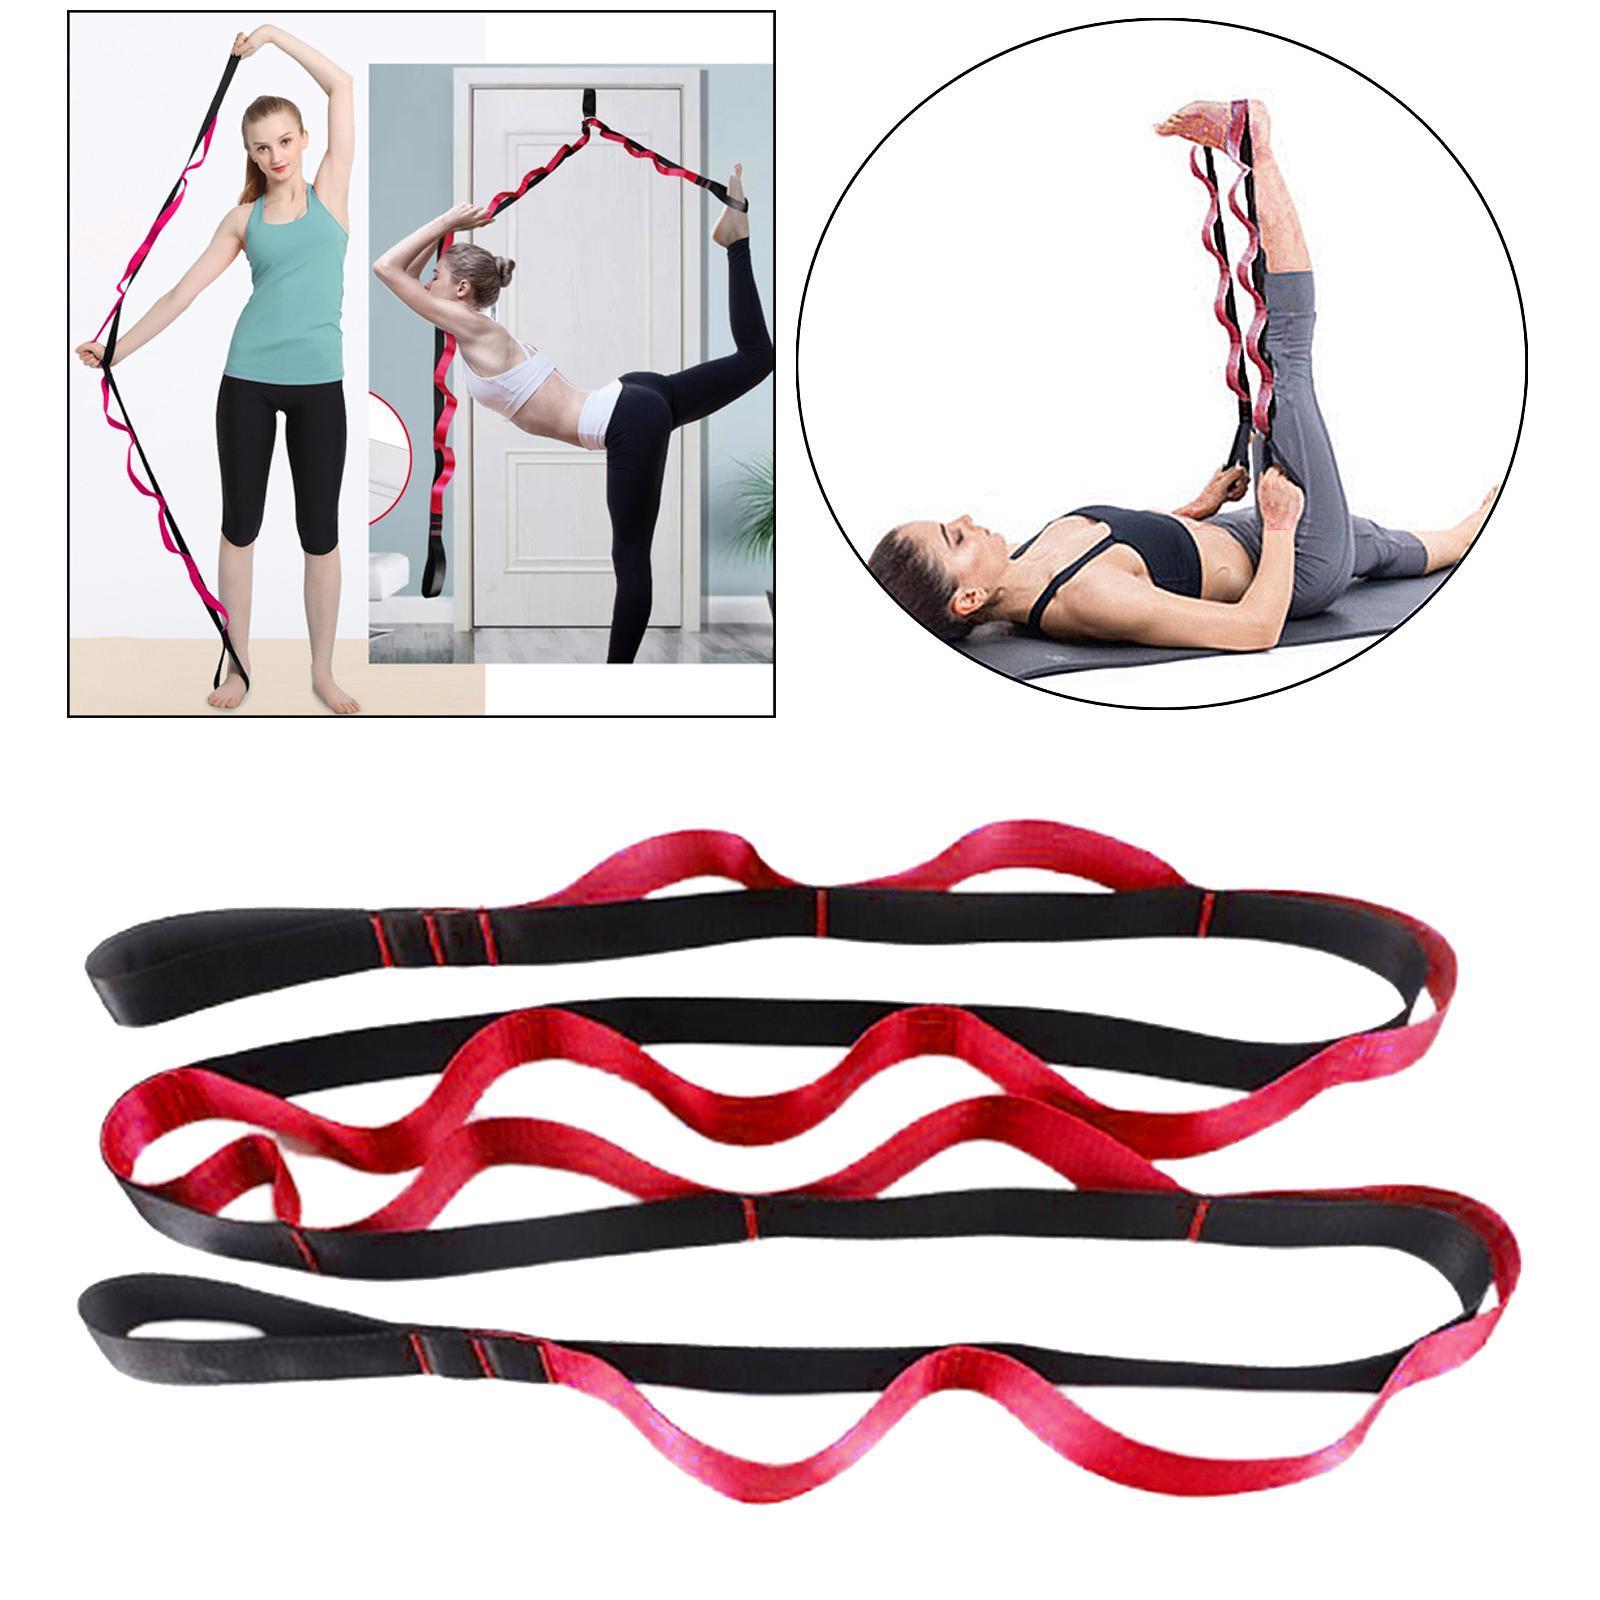 miniatura 45 - Pierna camilla yoga Stretch Strap Latin Dance Gymnastic pull cinturón flexibilidad